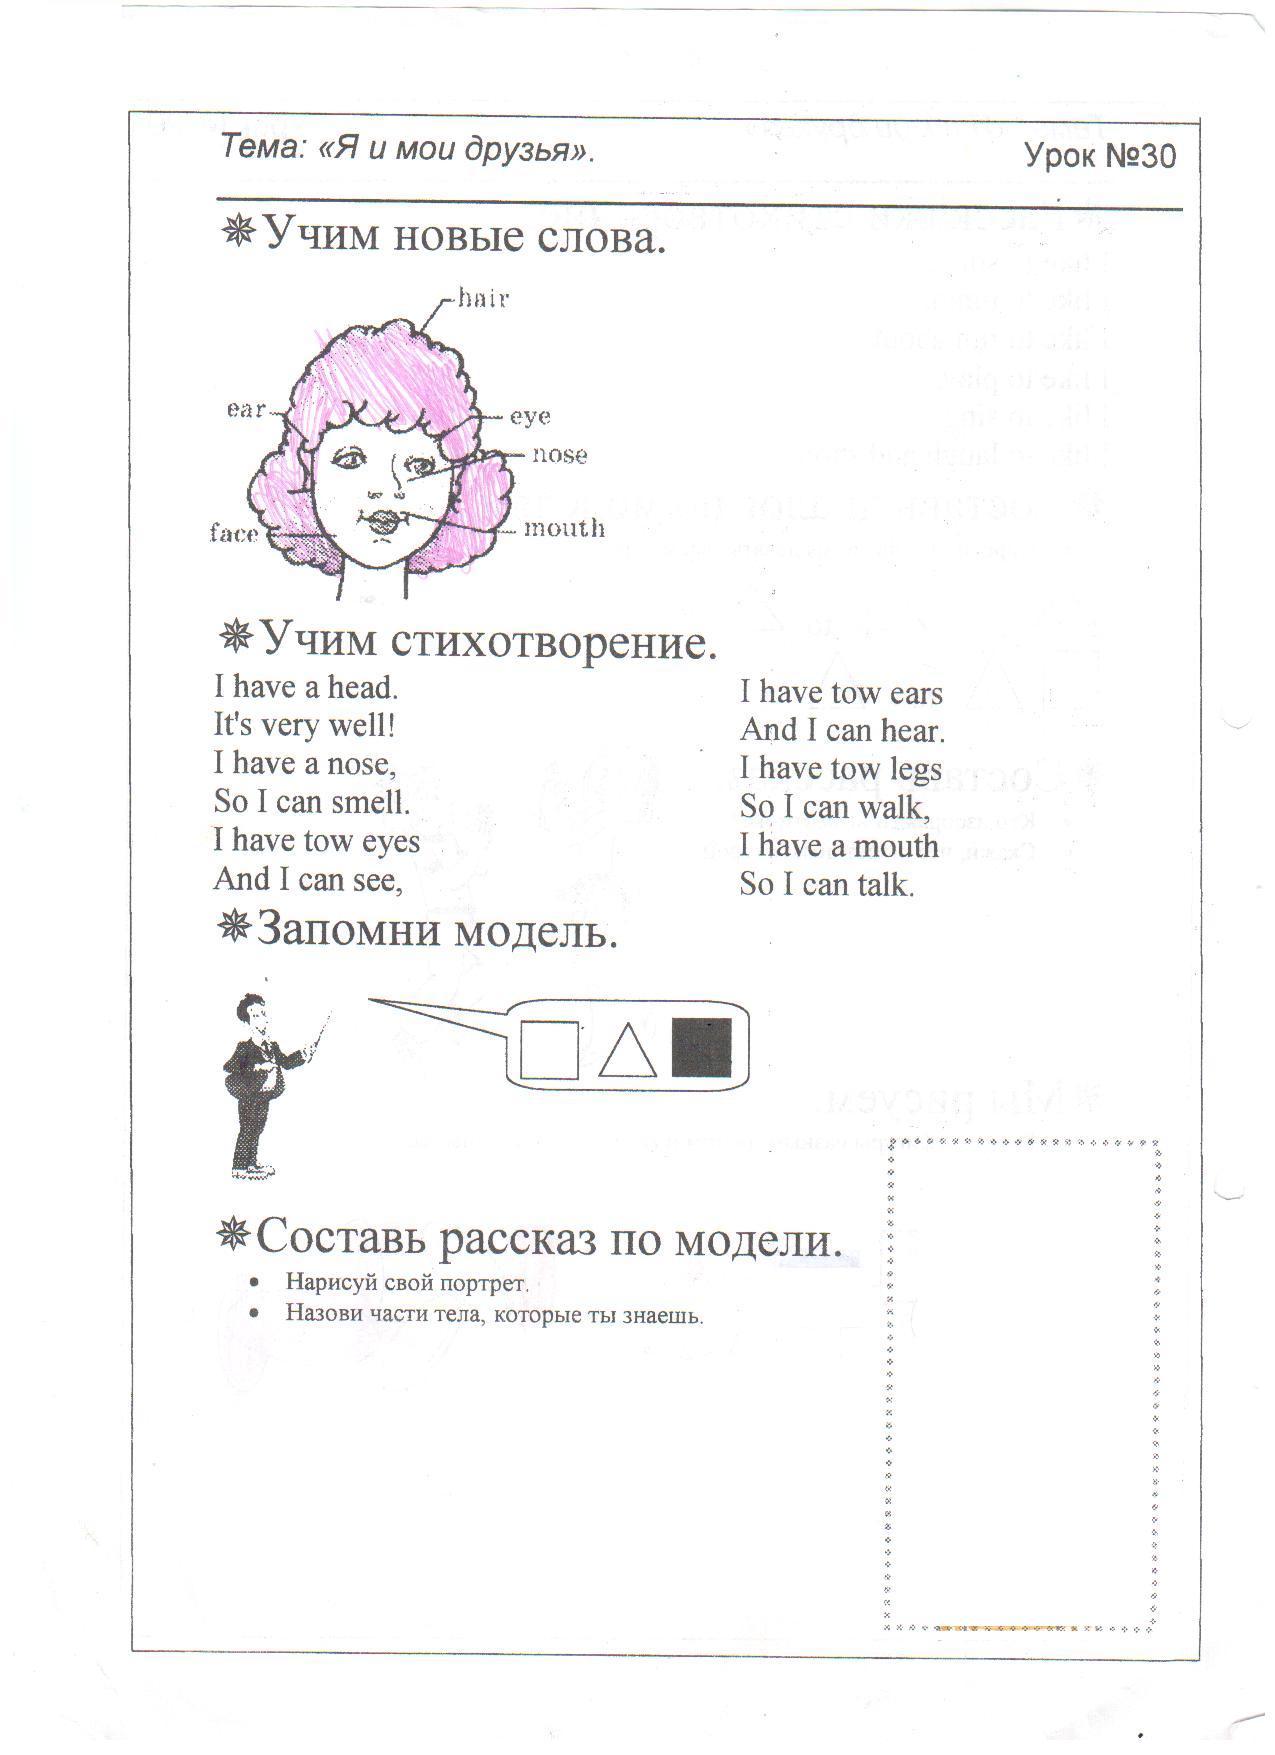 C:\Documents and Settings\Admin\Мои документы\Мои рисунки\Изображение\Изображение 100.jpg